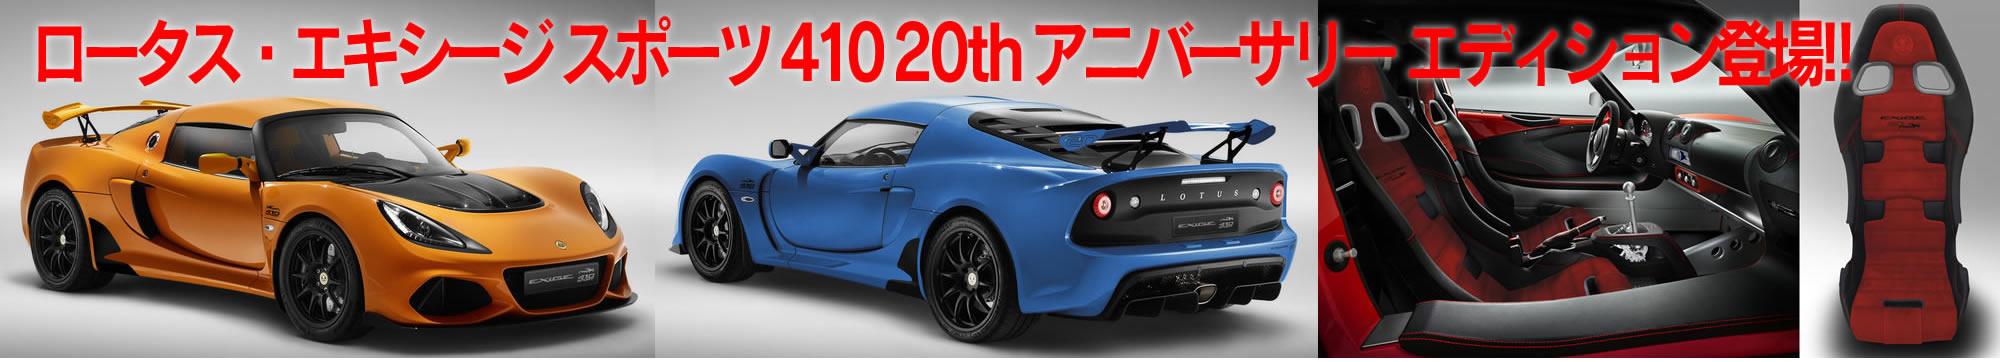 ロータス・エキシージ スポーツ 410 20th アニバーサリー エディション登場︕